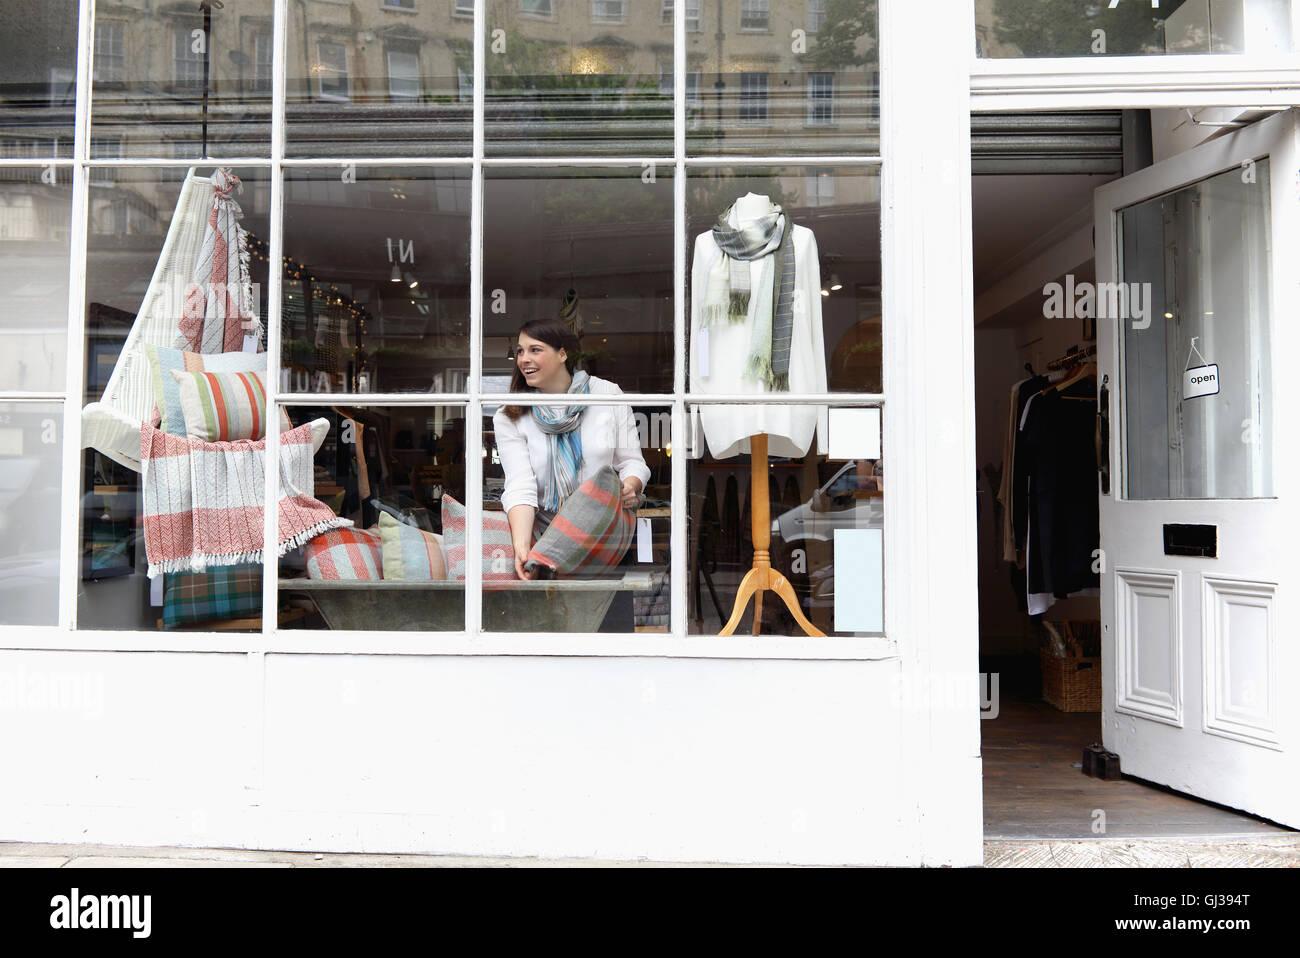 Propriétaire de boutique d'organiser l'affichage de la fenêtre Photo Stock